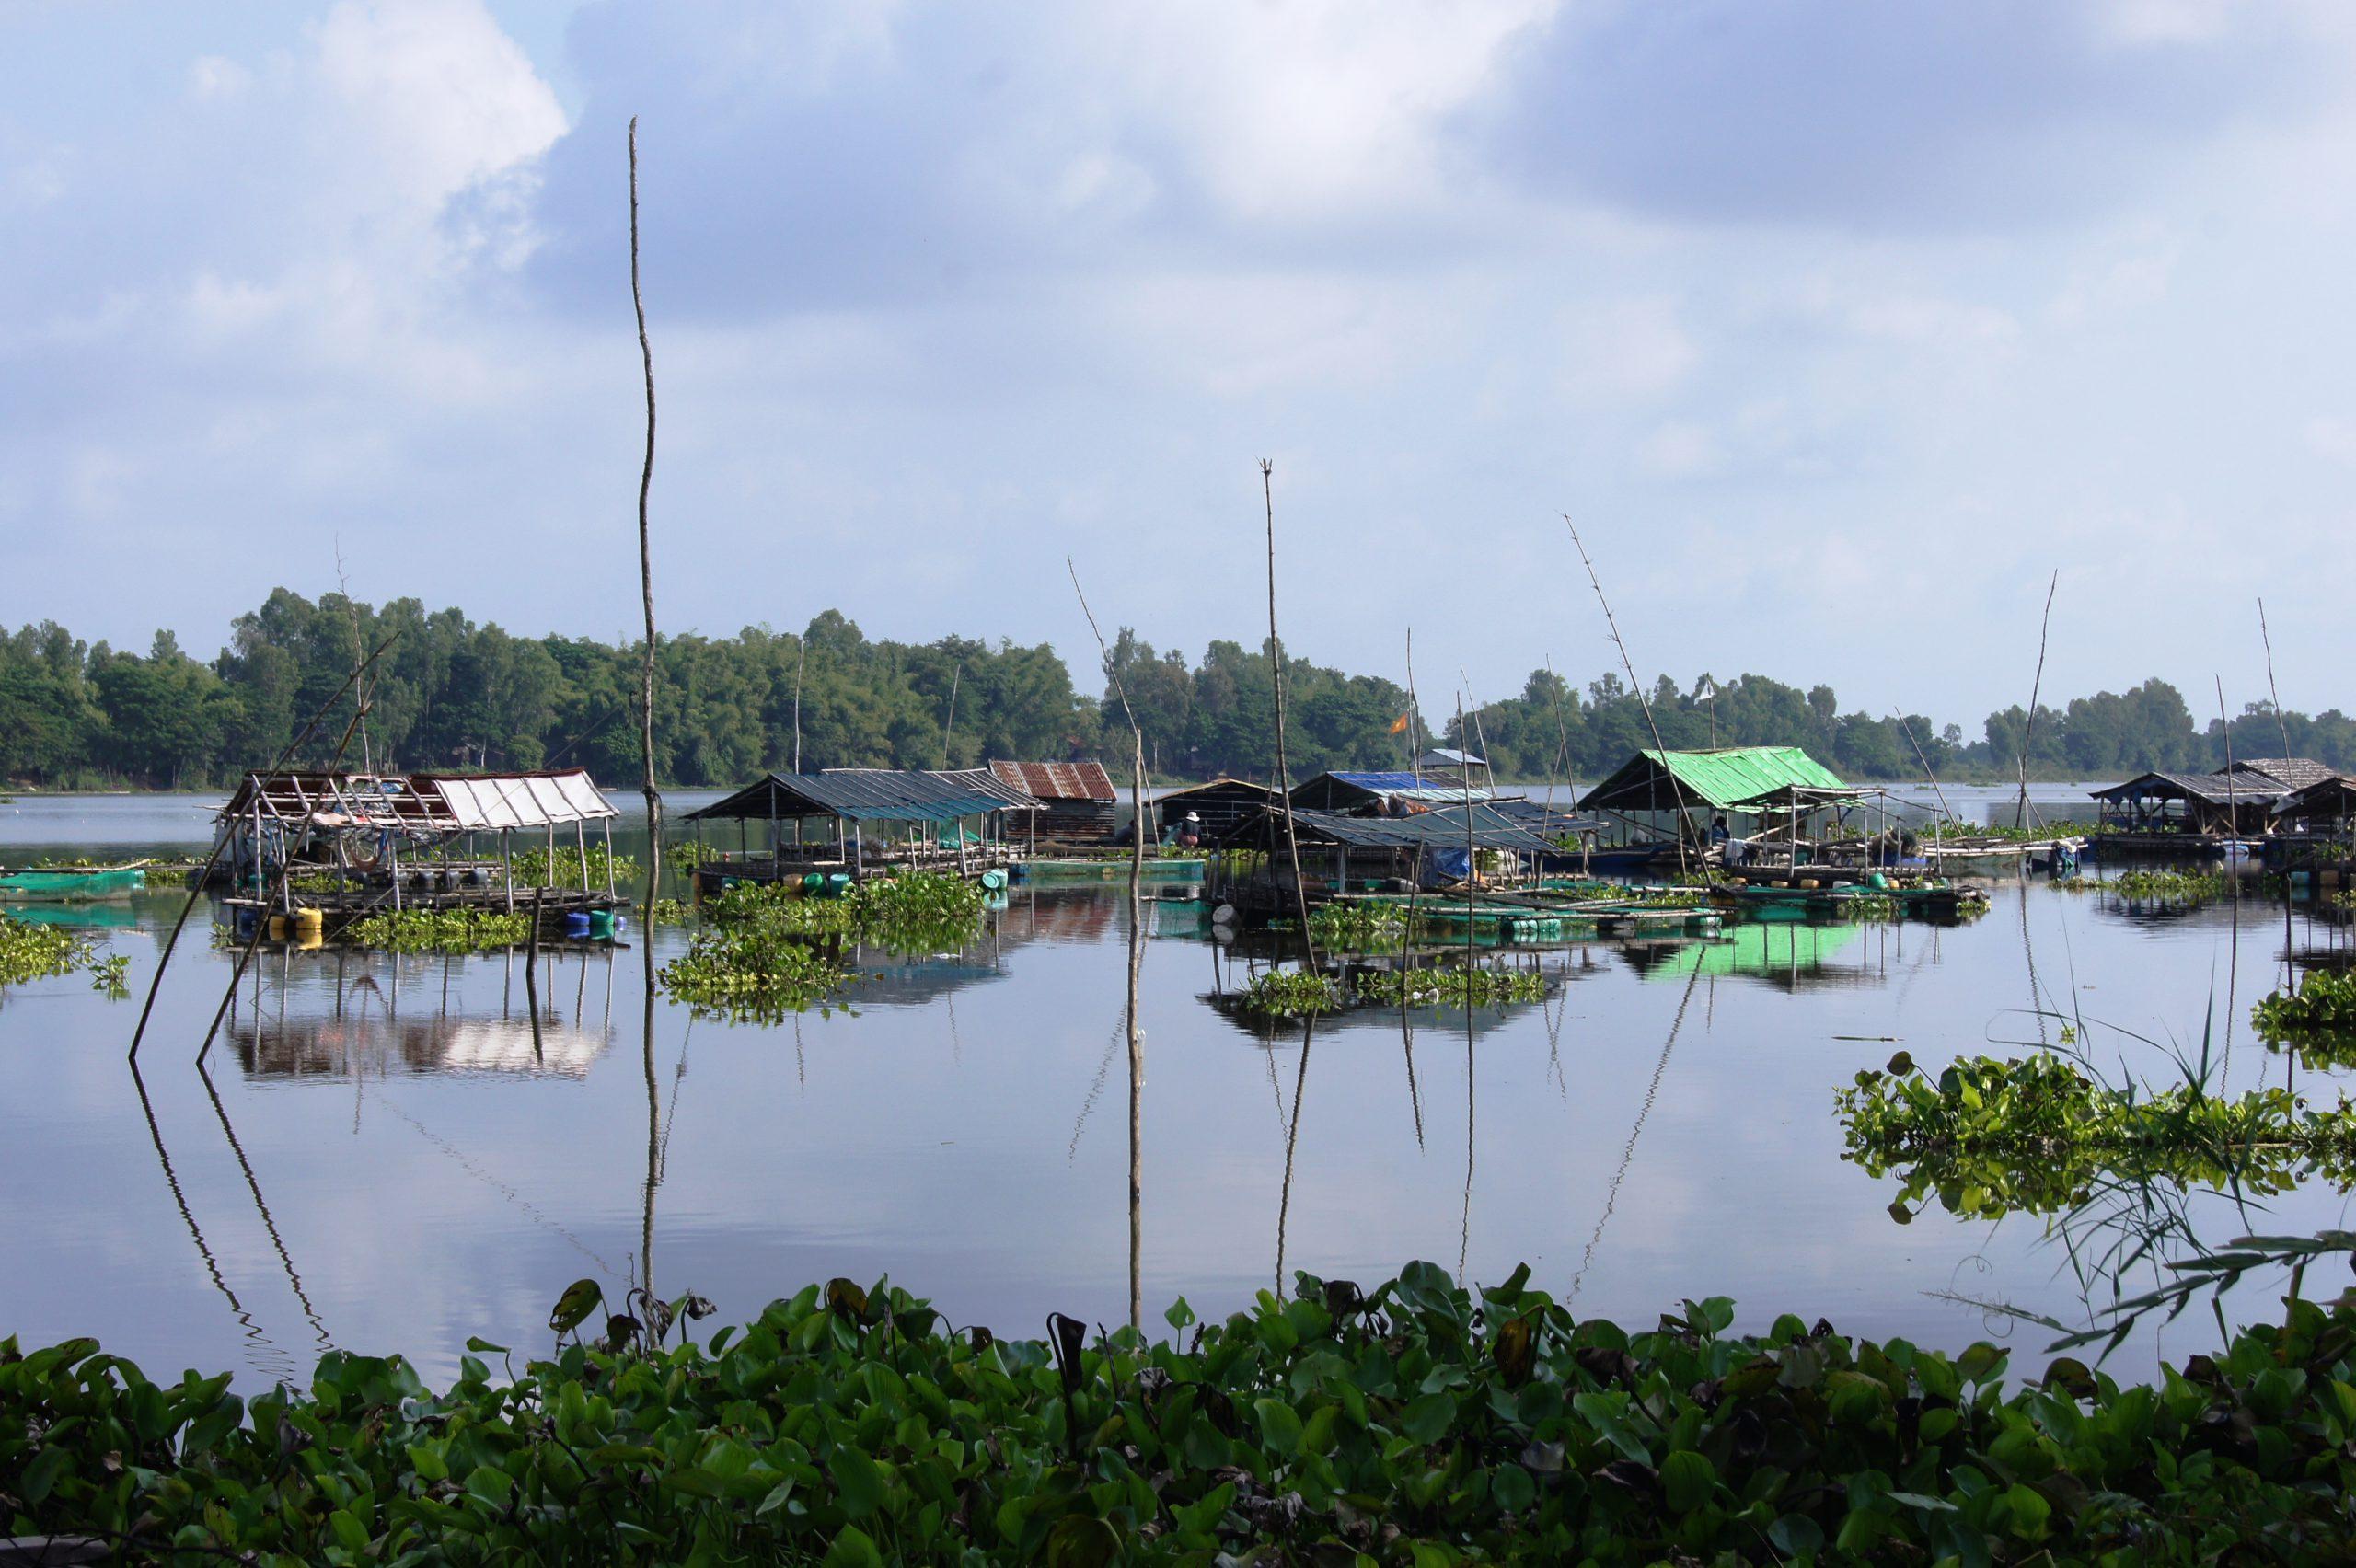 Đến búng Bình Thiên và tham gia các hoạt động như bắt cá linh, hái bông điên điển,...